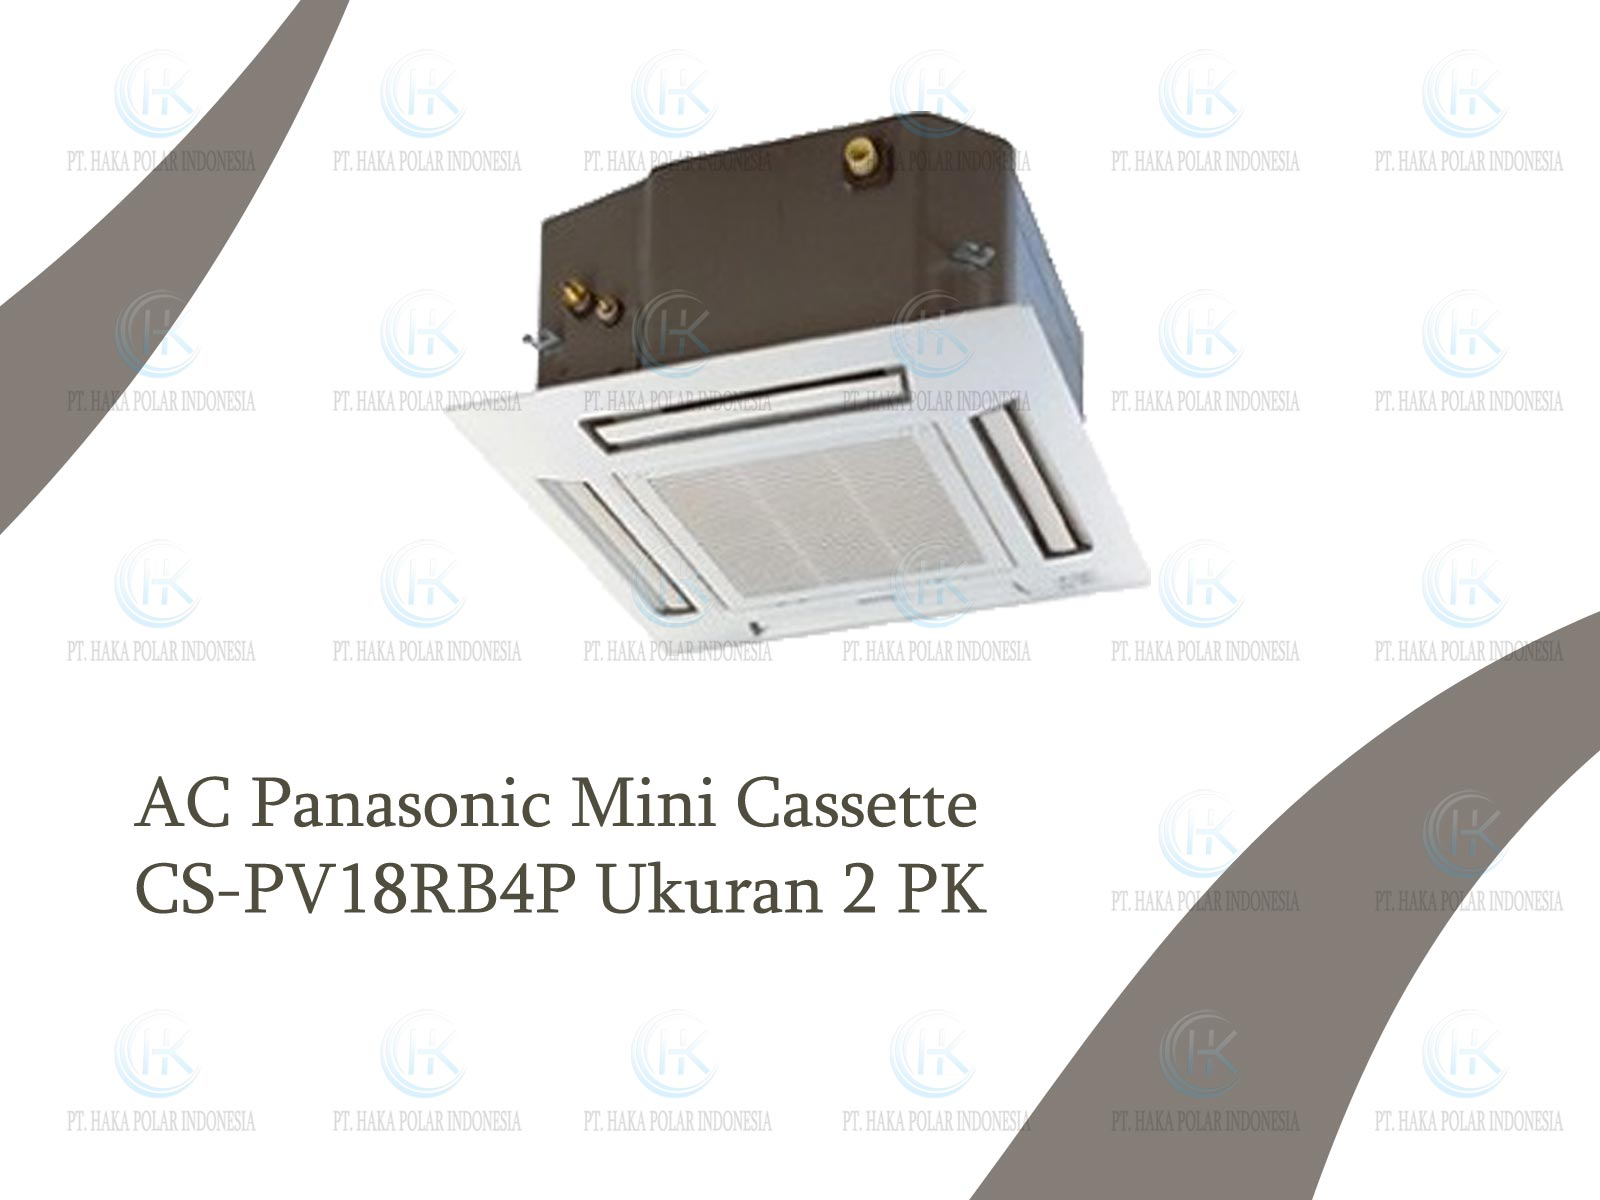 Jual AC Panasonic CS-PV18RB4P 2 PK Mini Cassette R410a